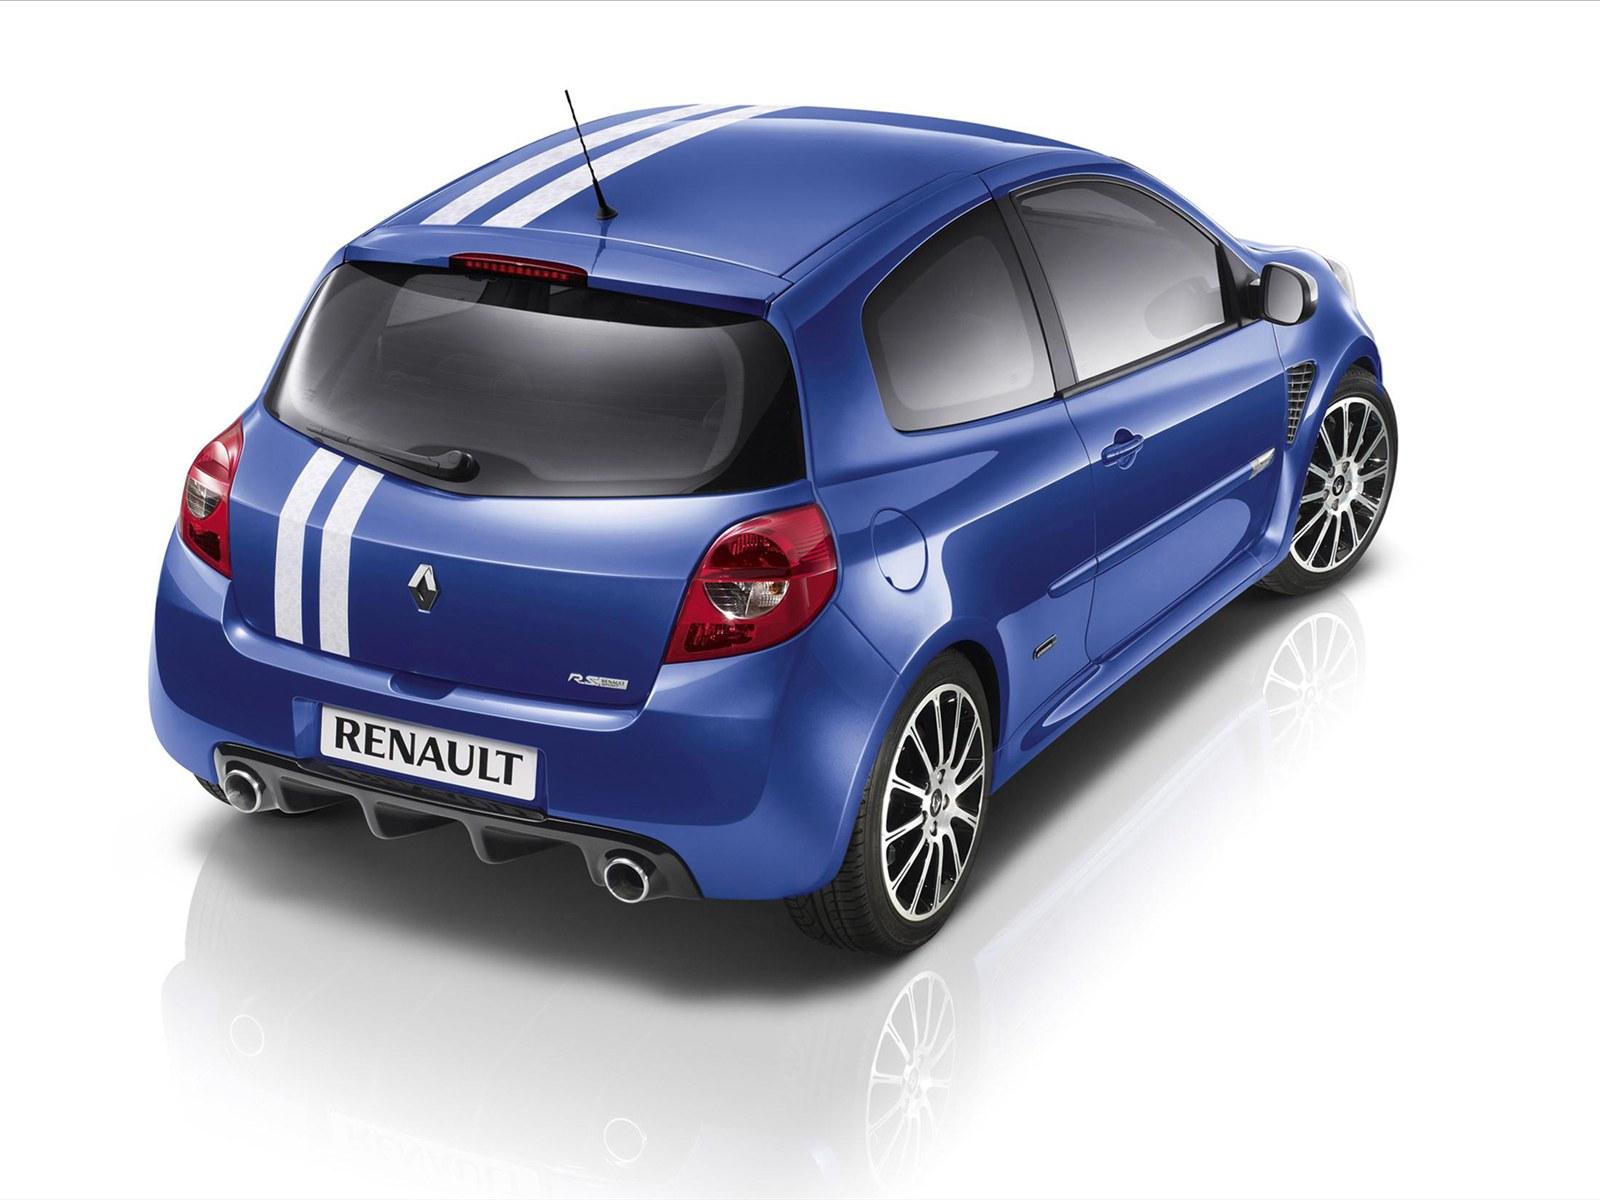 http://4.bp.blogspot.com/-dIFM8Tg_vc4/TcwNkWCzSYI/AAAAAAAACpQ/shkbVDi_MQI/s1600/Renault+Clio+Gordini+200+2011+photo.jpg